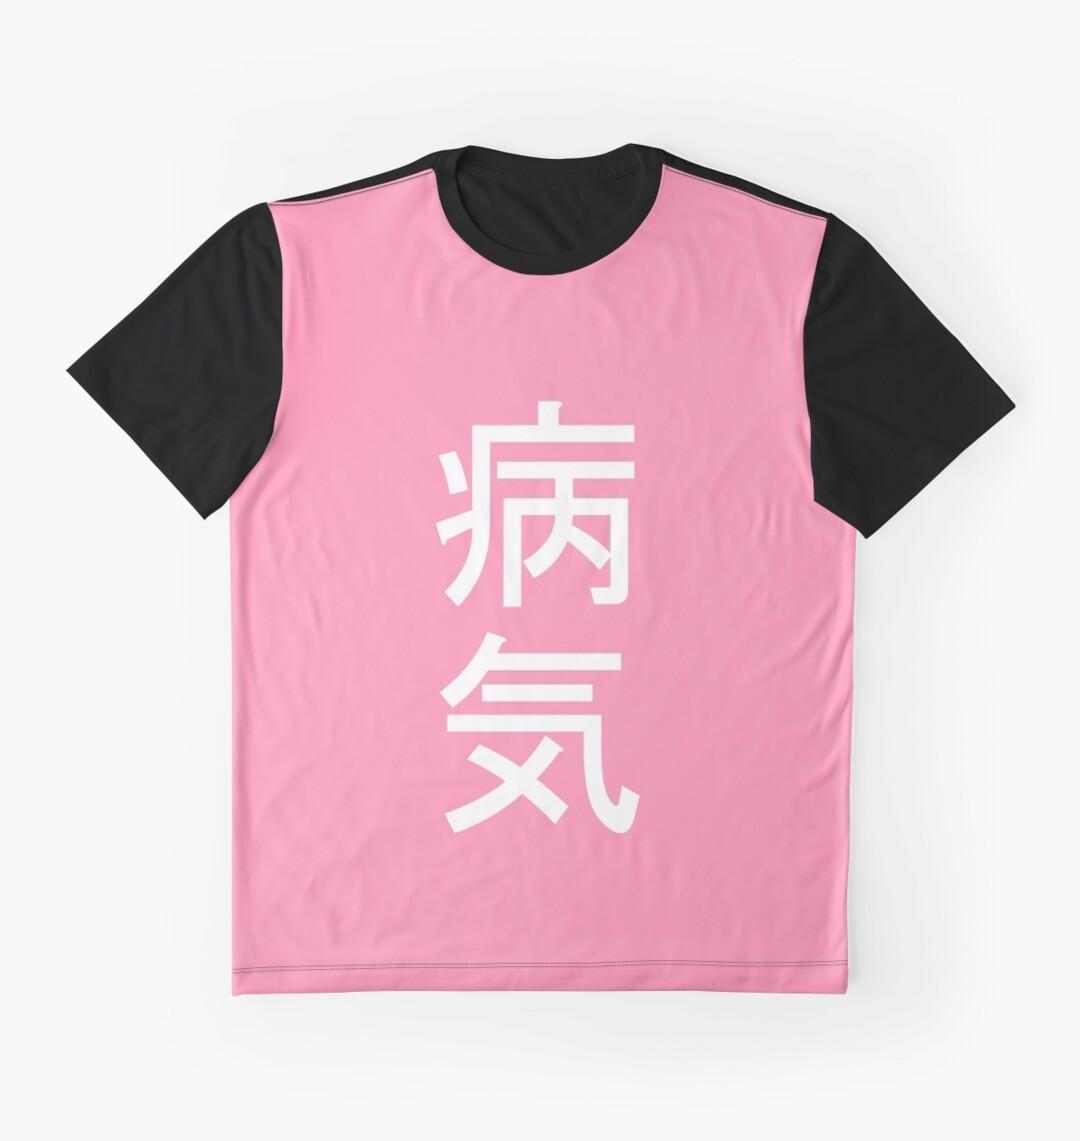 Pastel Pink Shirt with Kanji for Byouki (Sickness/Disease ...